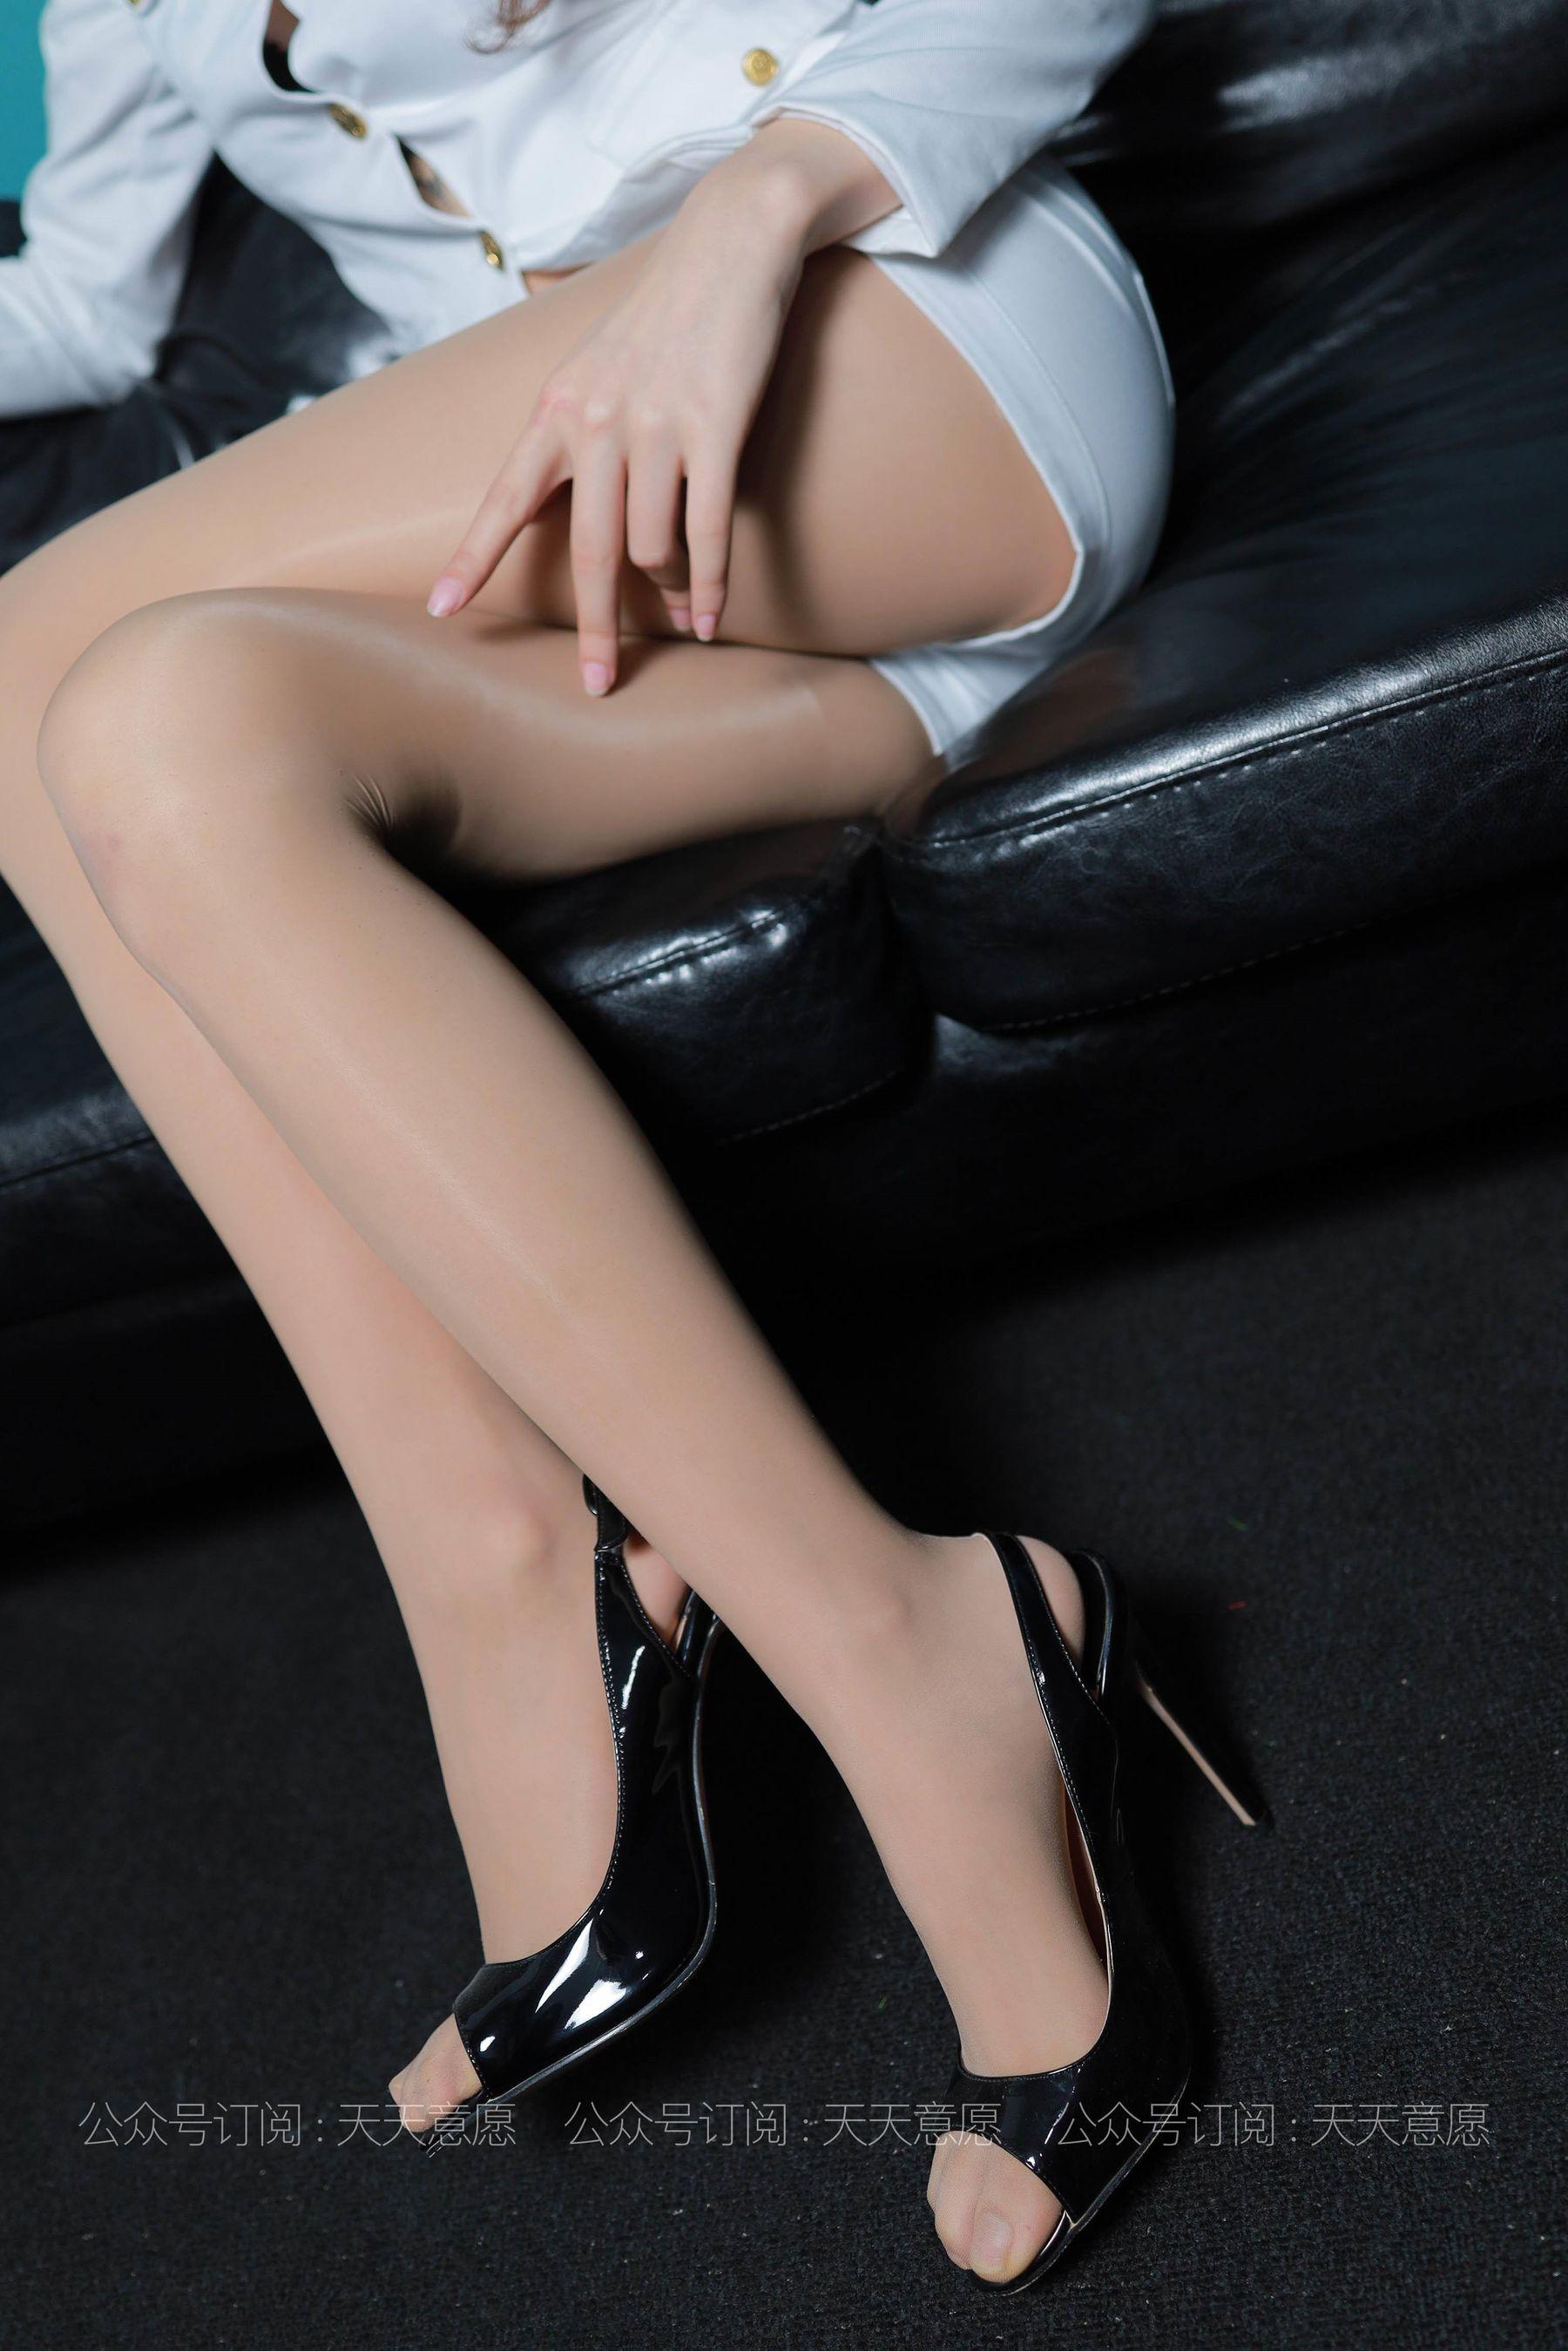 VOL.599 [异思趣向丝享家]肉丝美腿:肉肉高品质写真套图(79P)